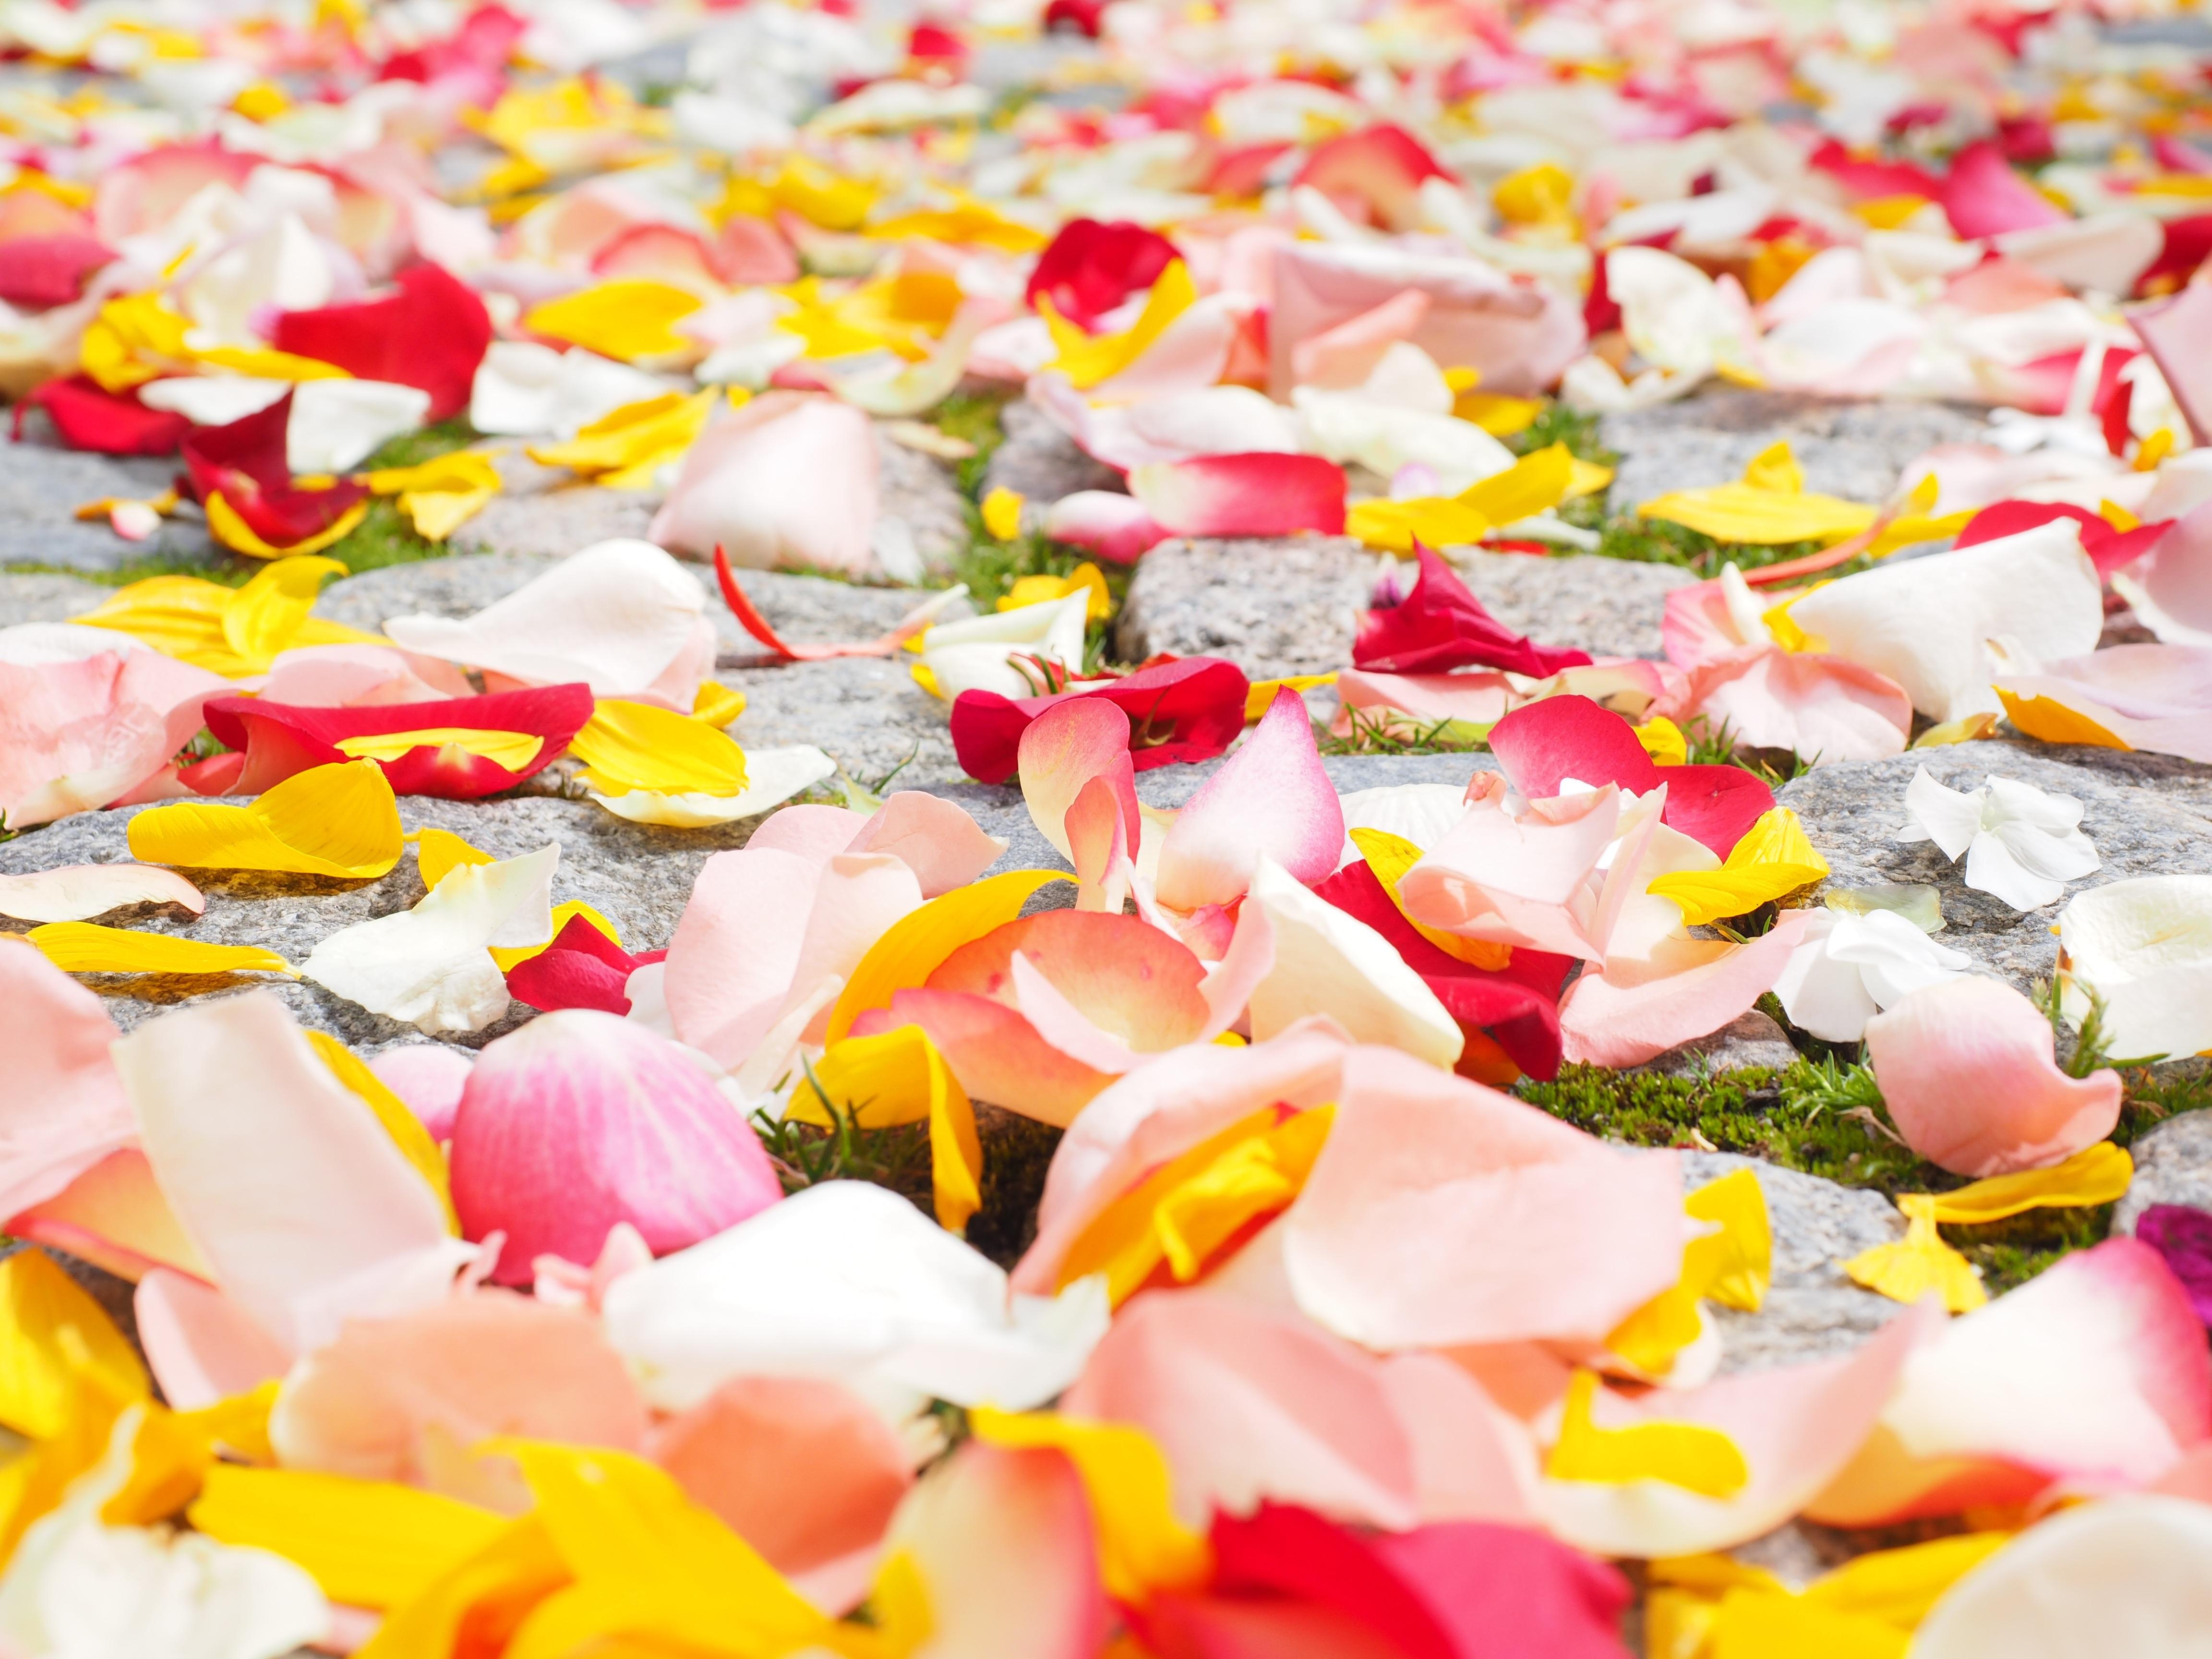 Fotos gratis : flor, planta, blanco, hoja, pétalo, amor, rojo, color ...